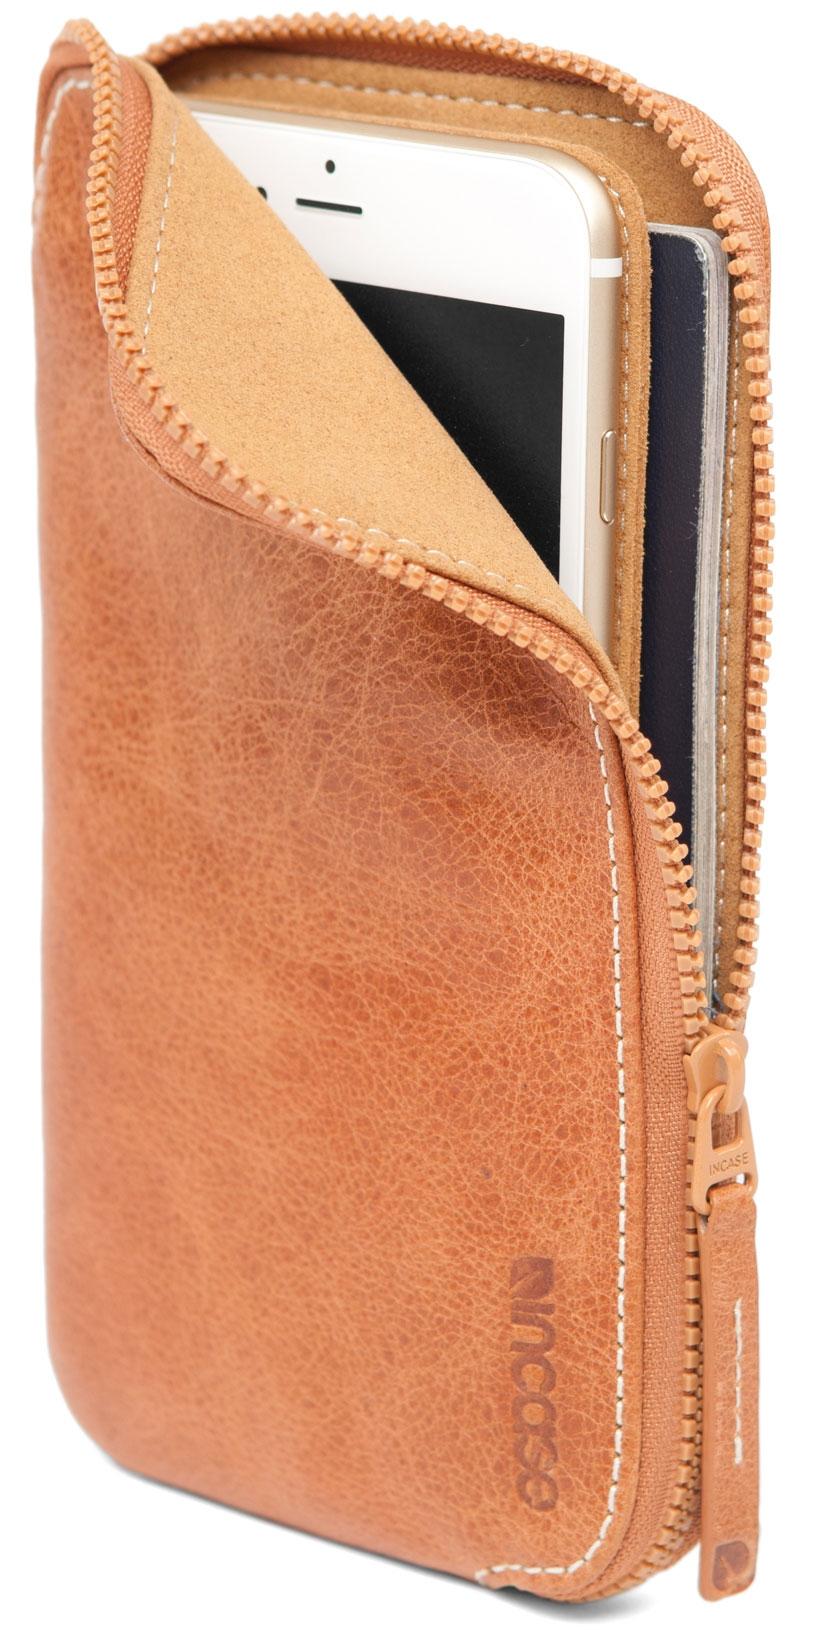 Incase Leather Zip Wallet